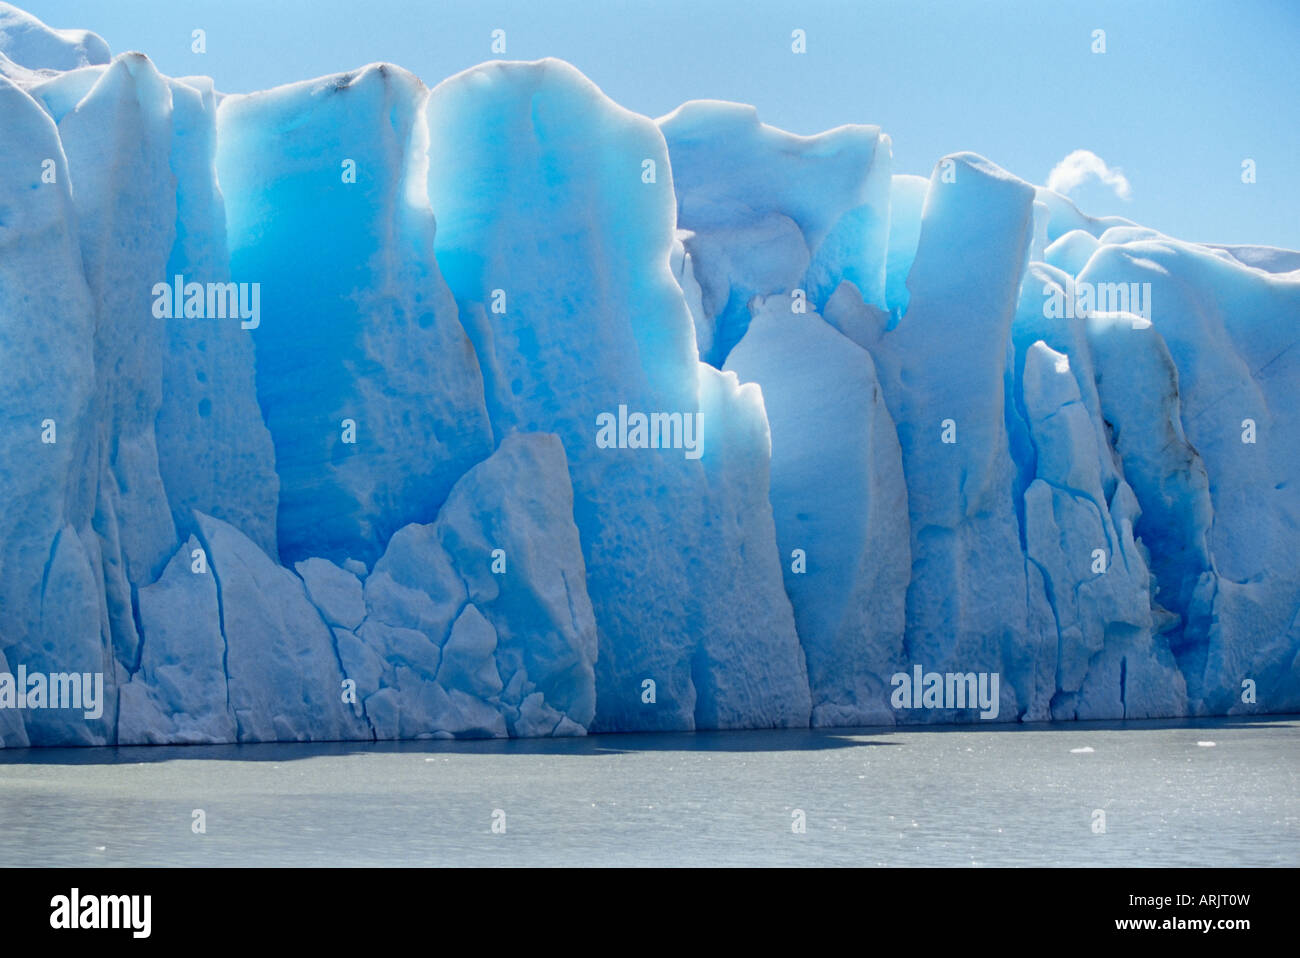 Iceberg, Lago grigio, Parco Nazionale Torres del Paine, Patagonia, Cile, Sud America Immagini Stock